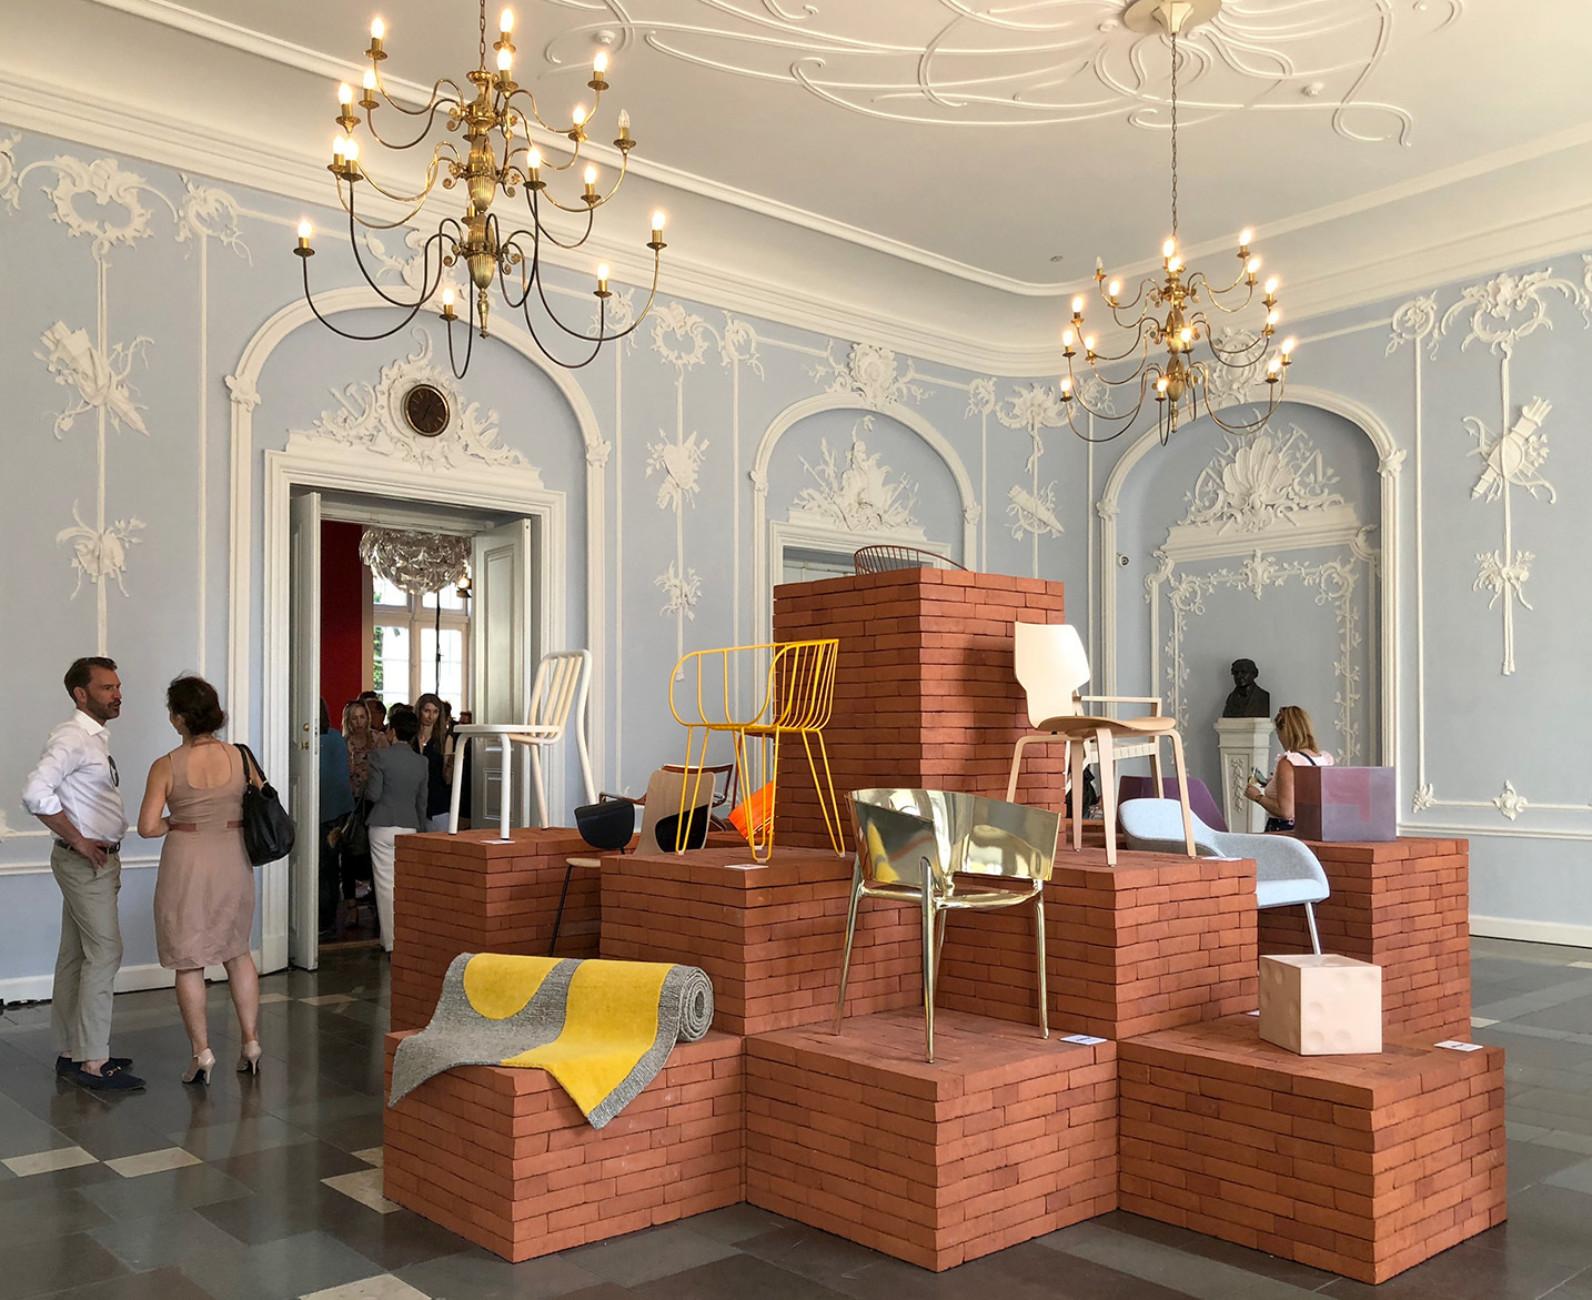 Design made in Spain in der spanischen Botschaft